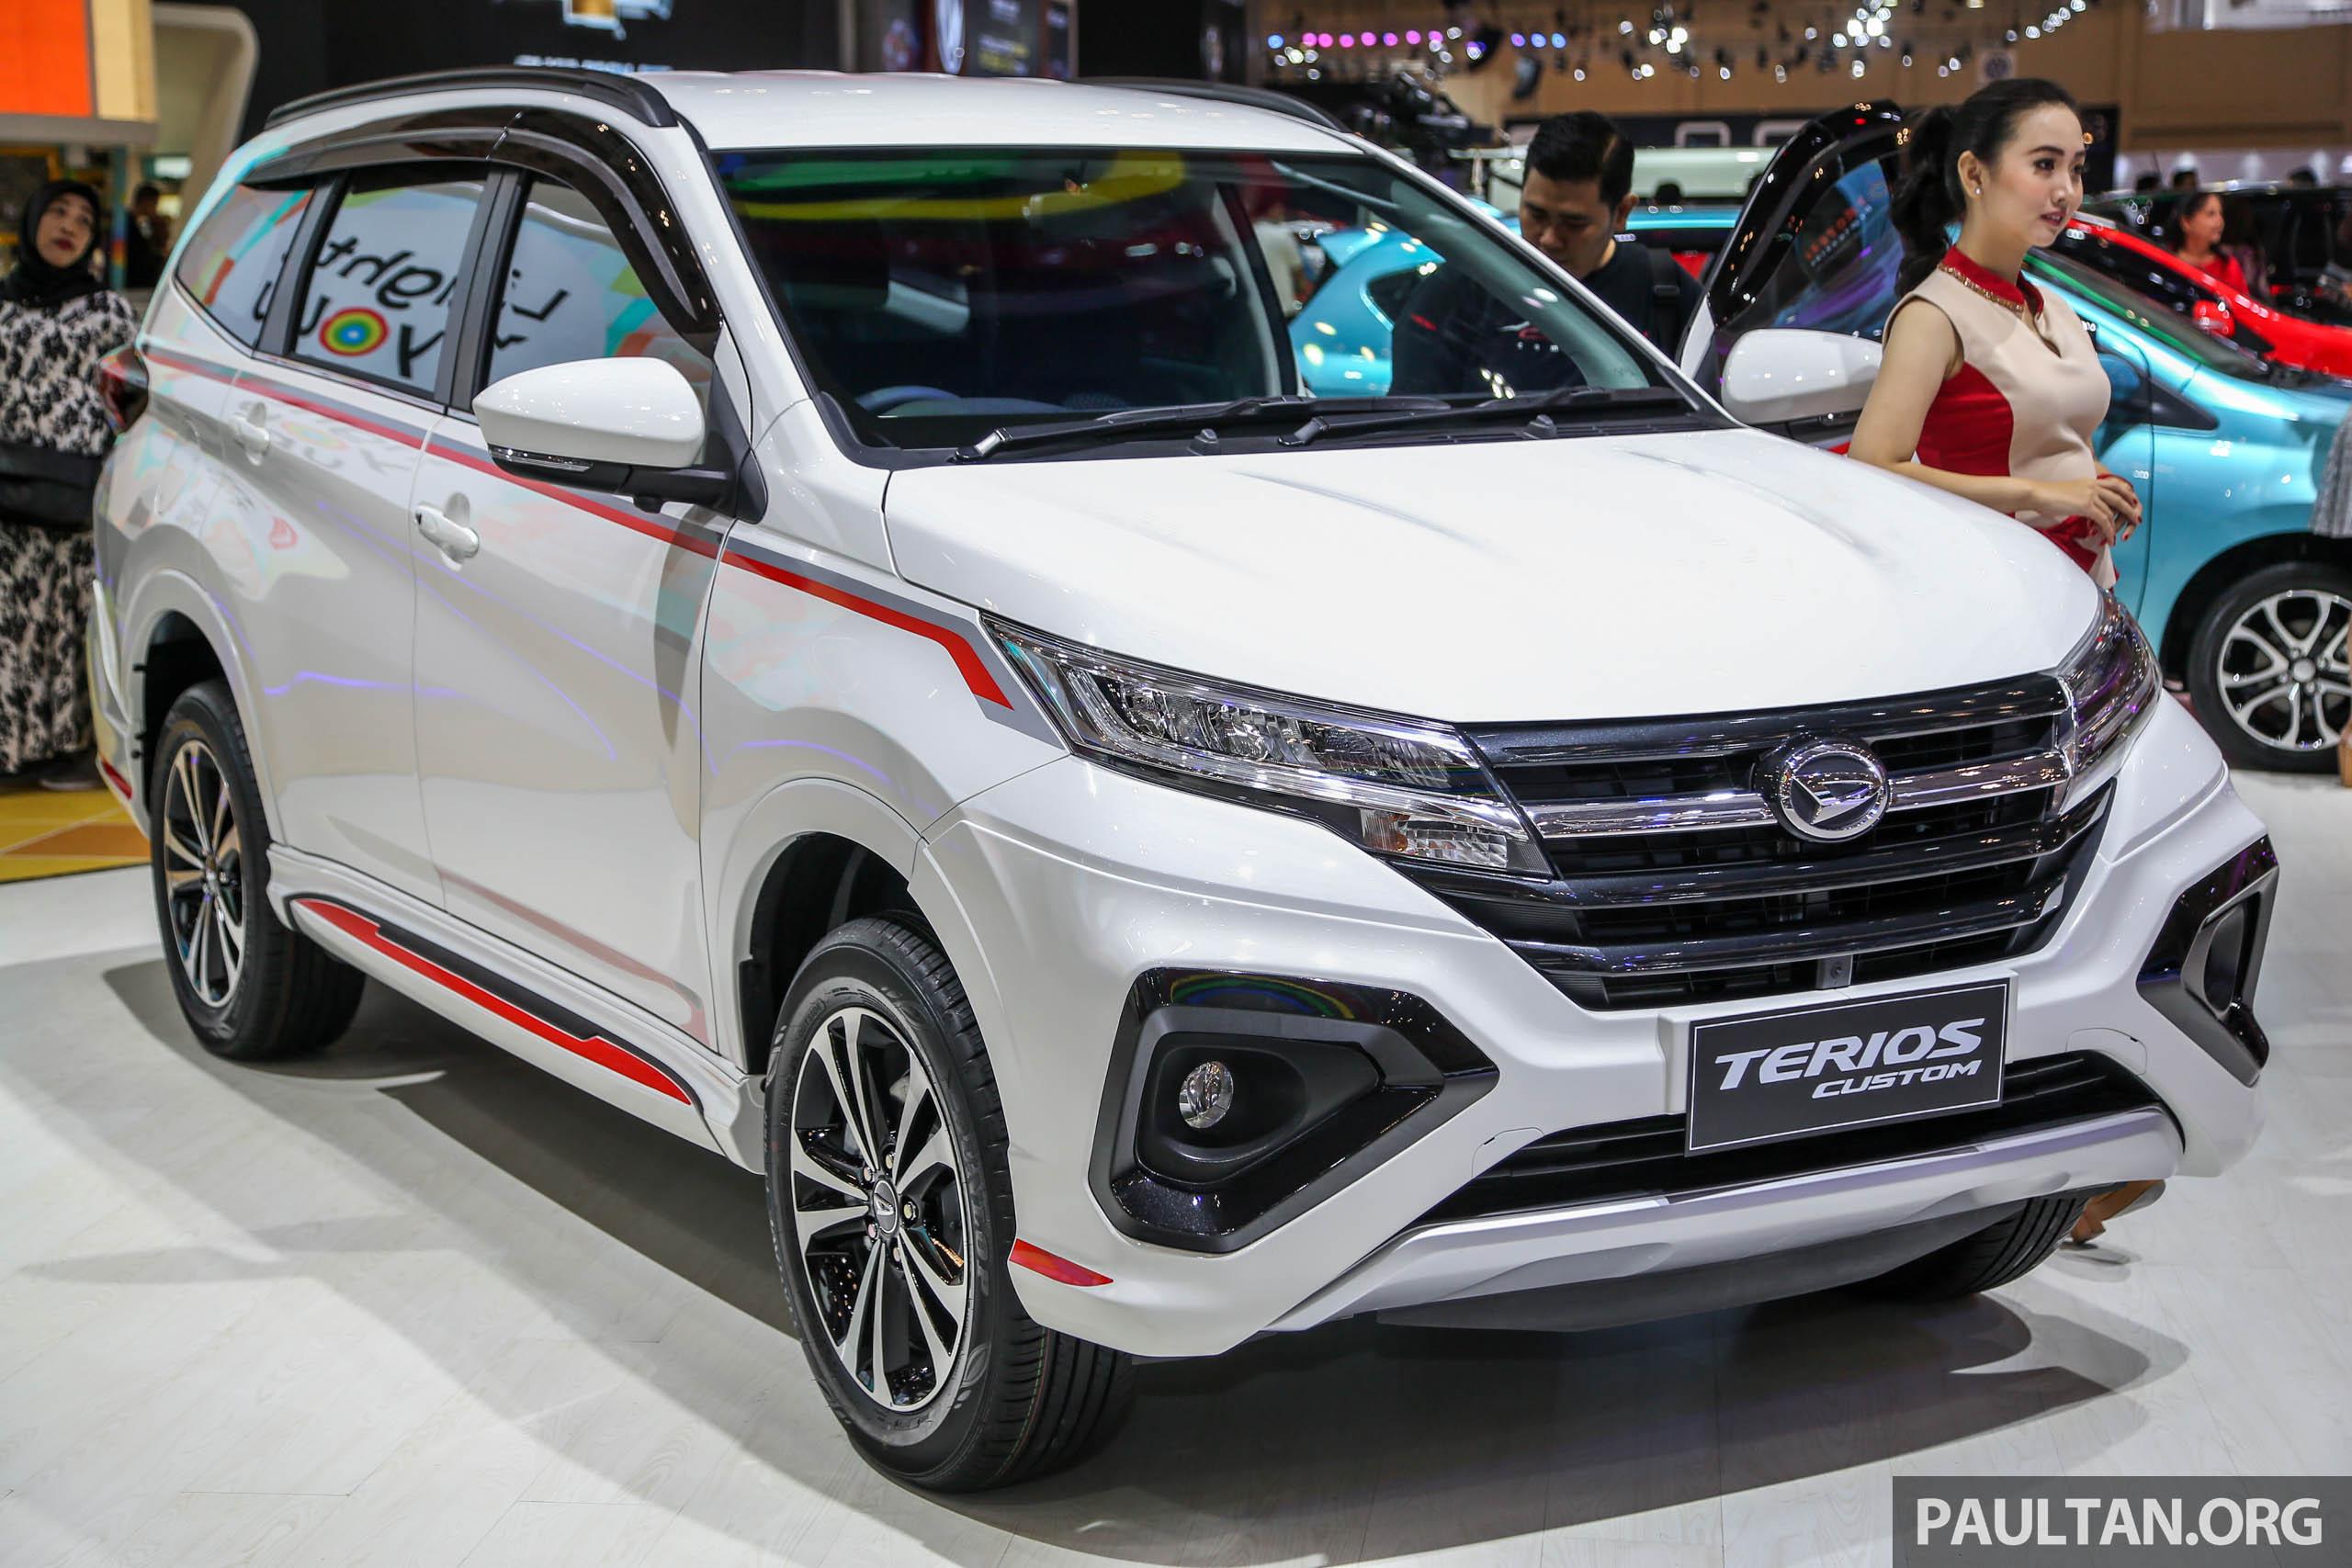 Kelebihan Kekurangan Toyota Terios Harga